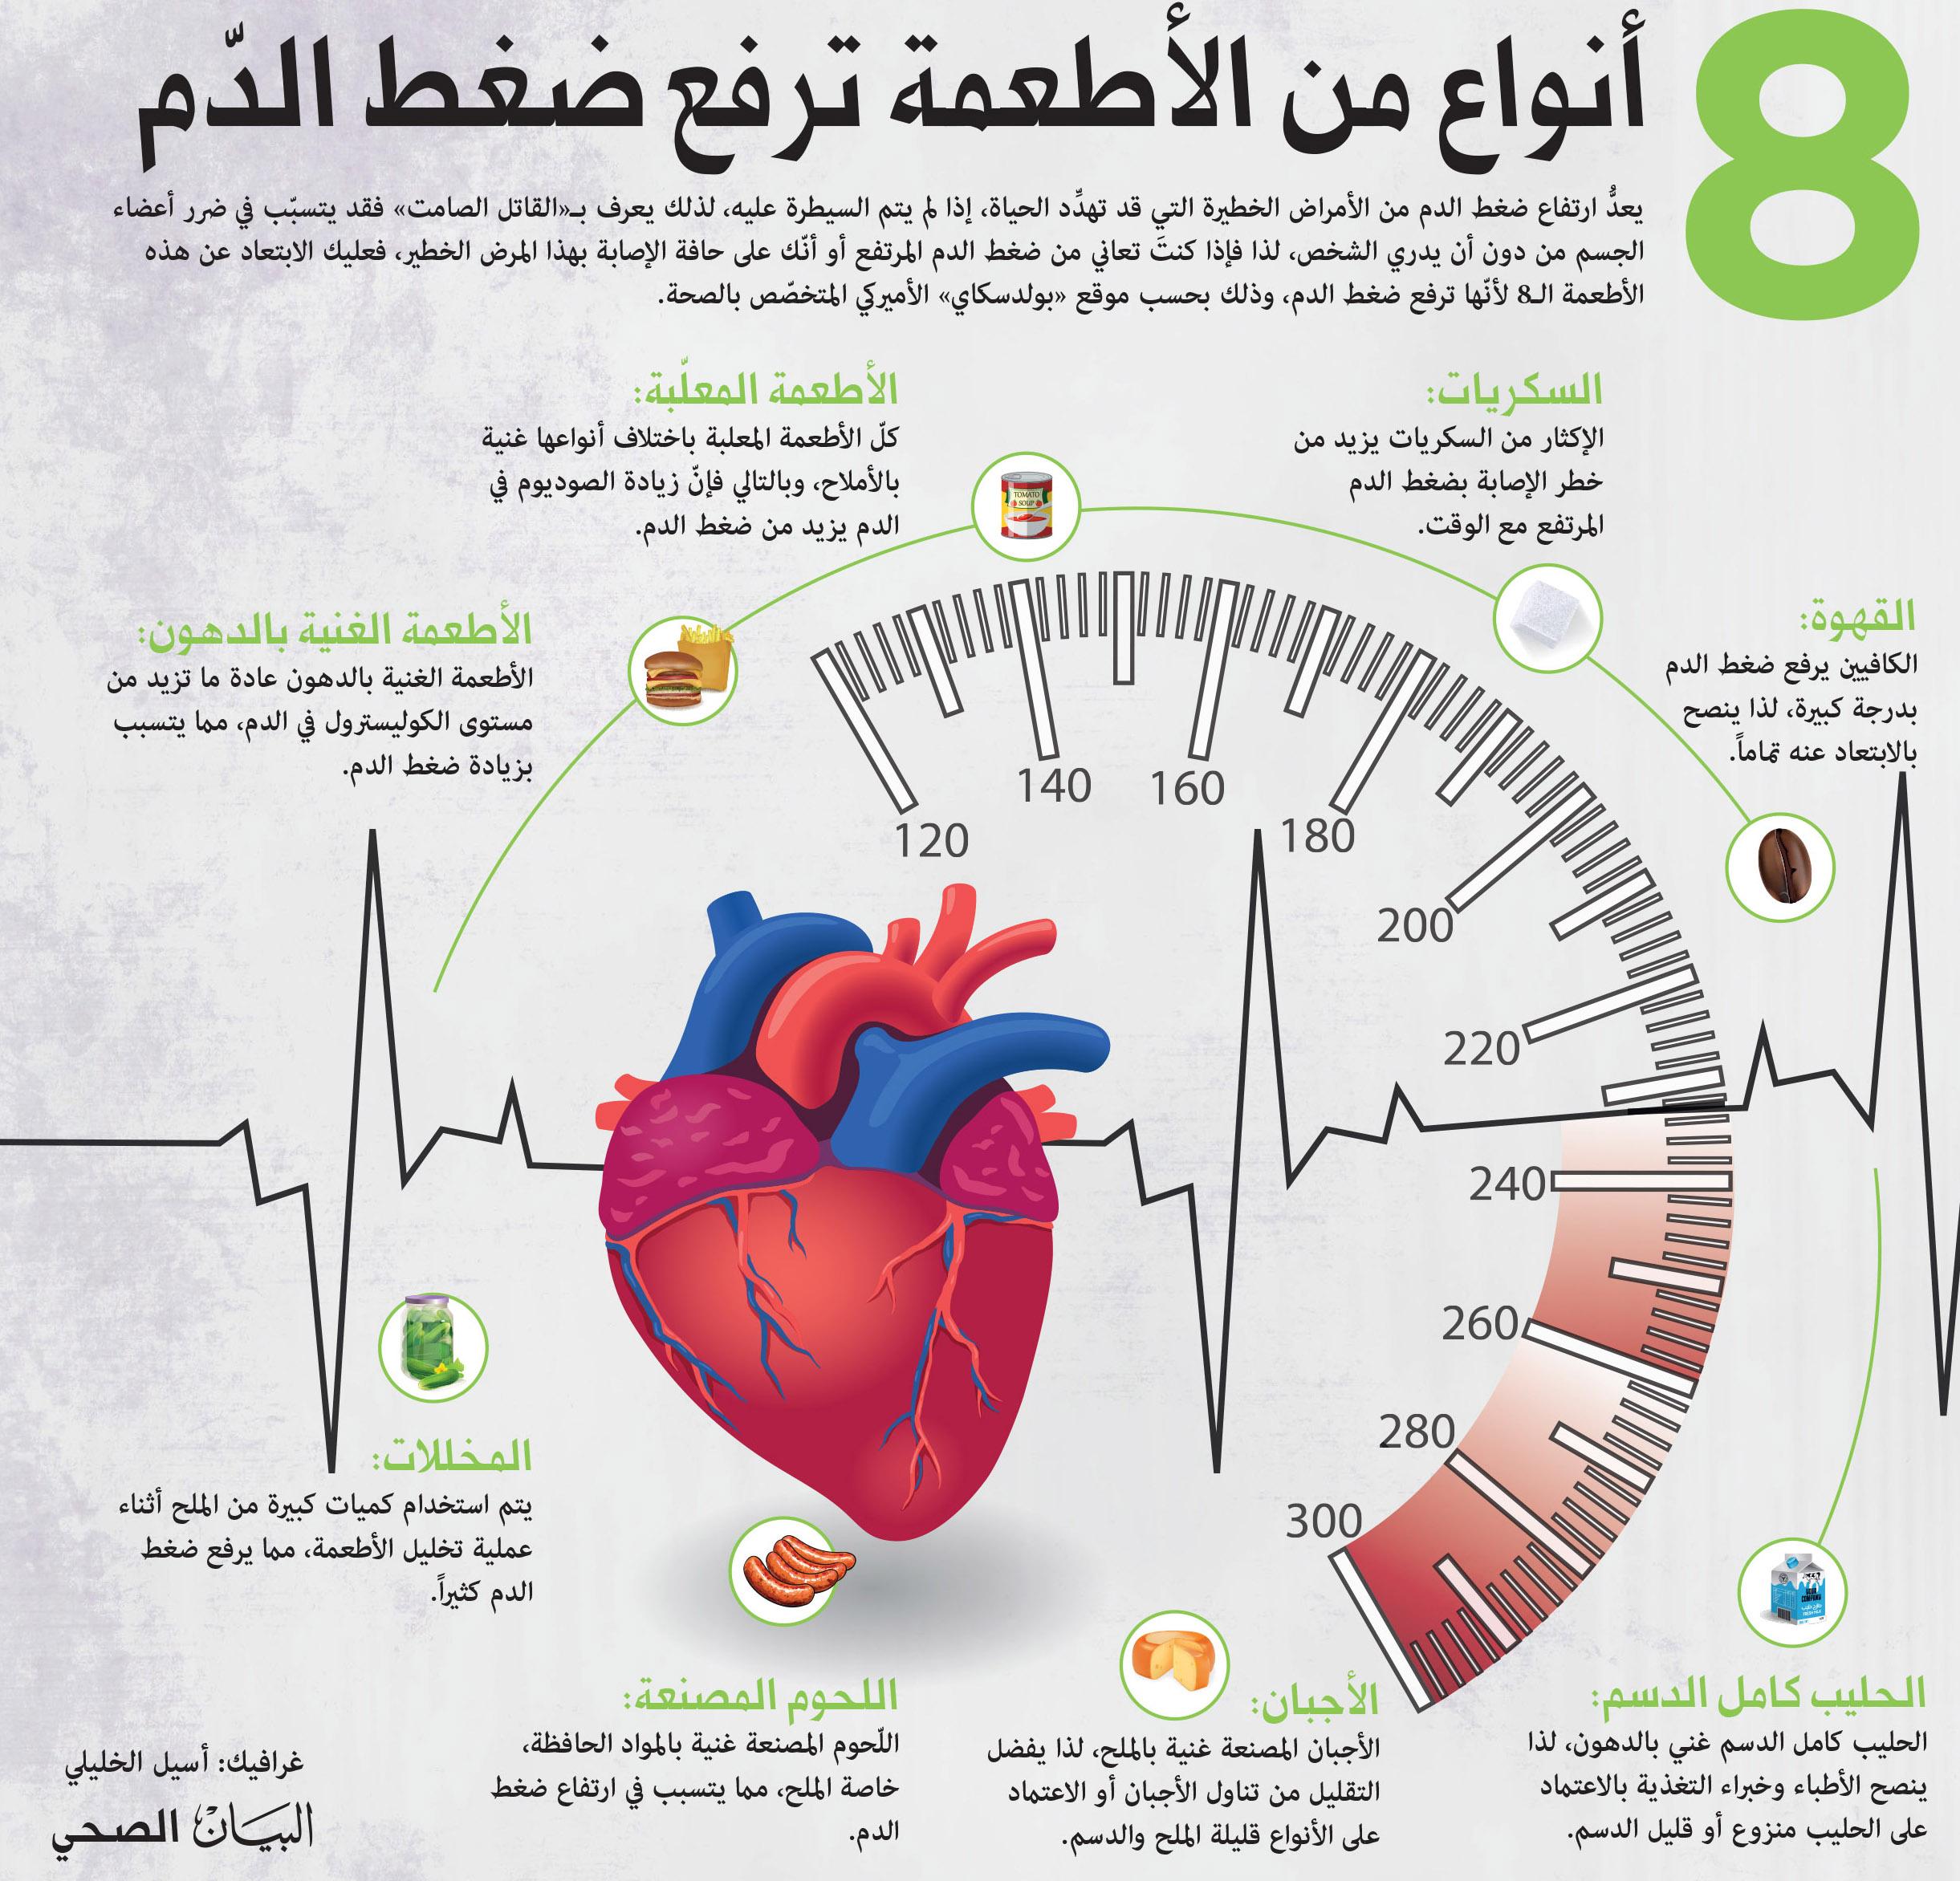 8 أنواع من الأطعمة ترفع ضغط الد م البيان الصحي الأخيرة البيان